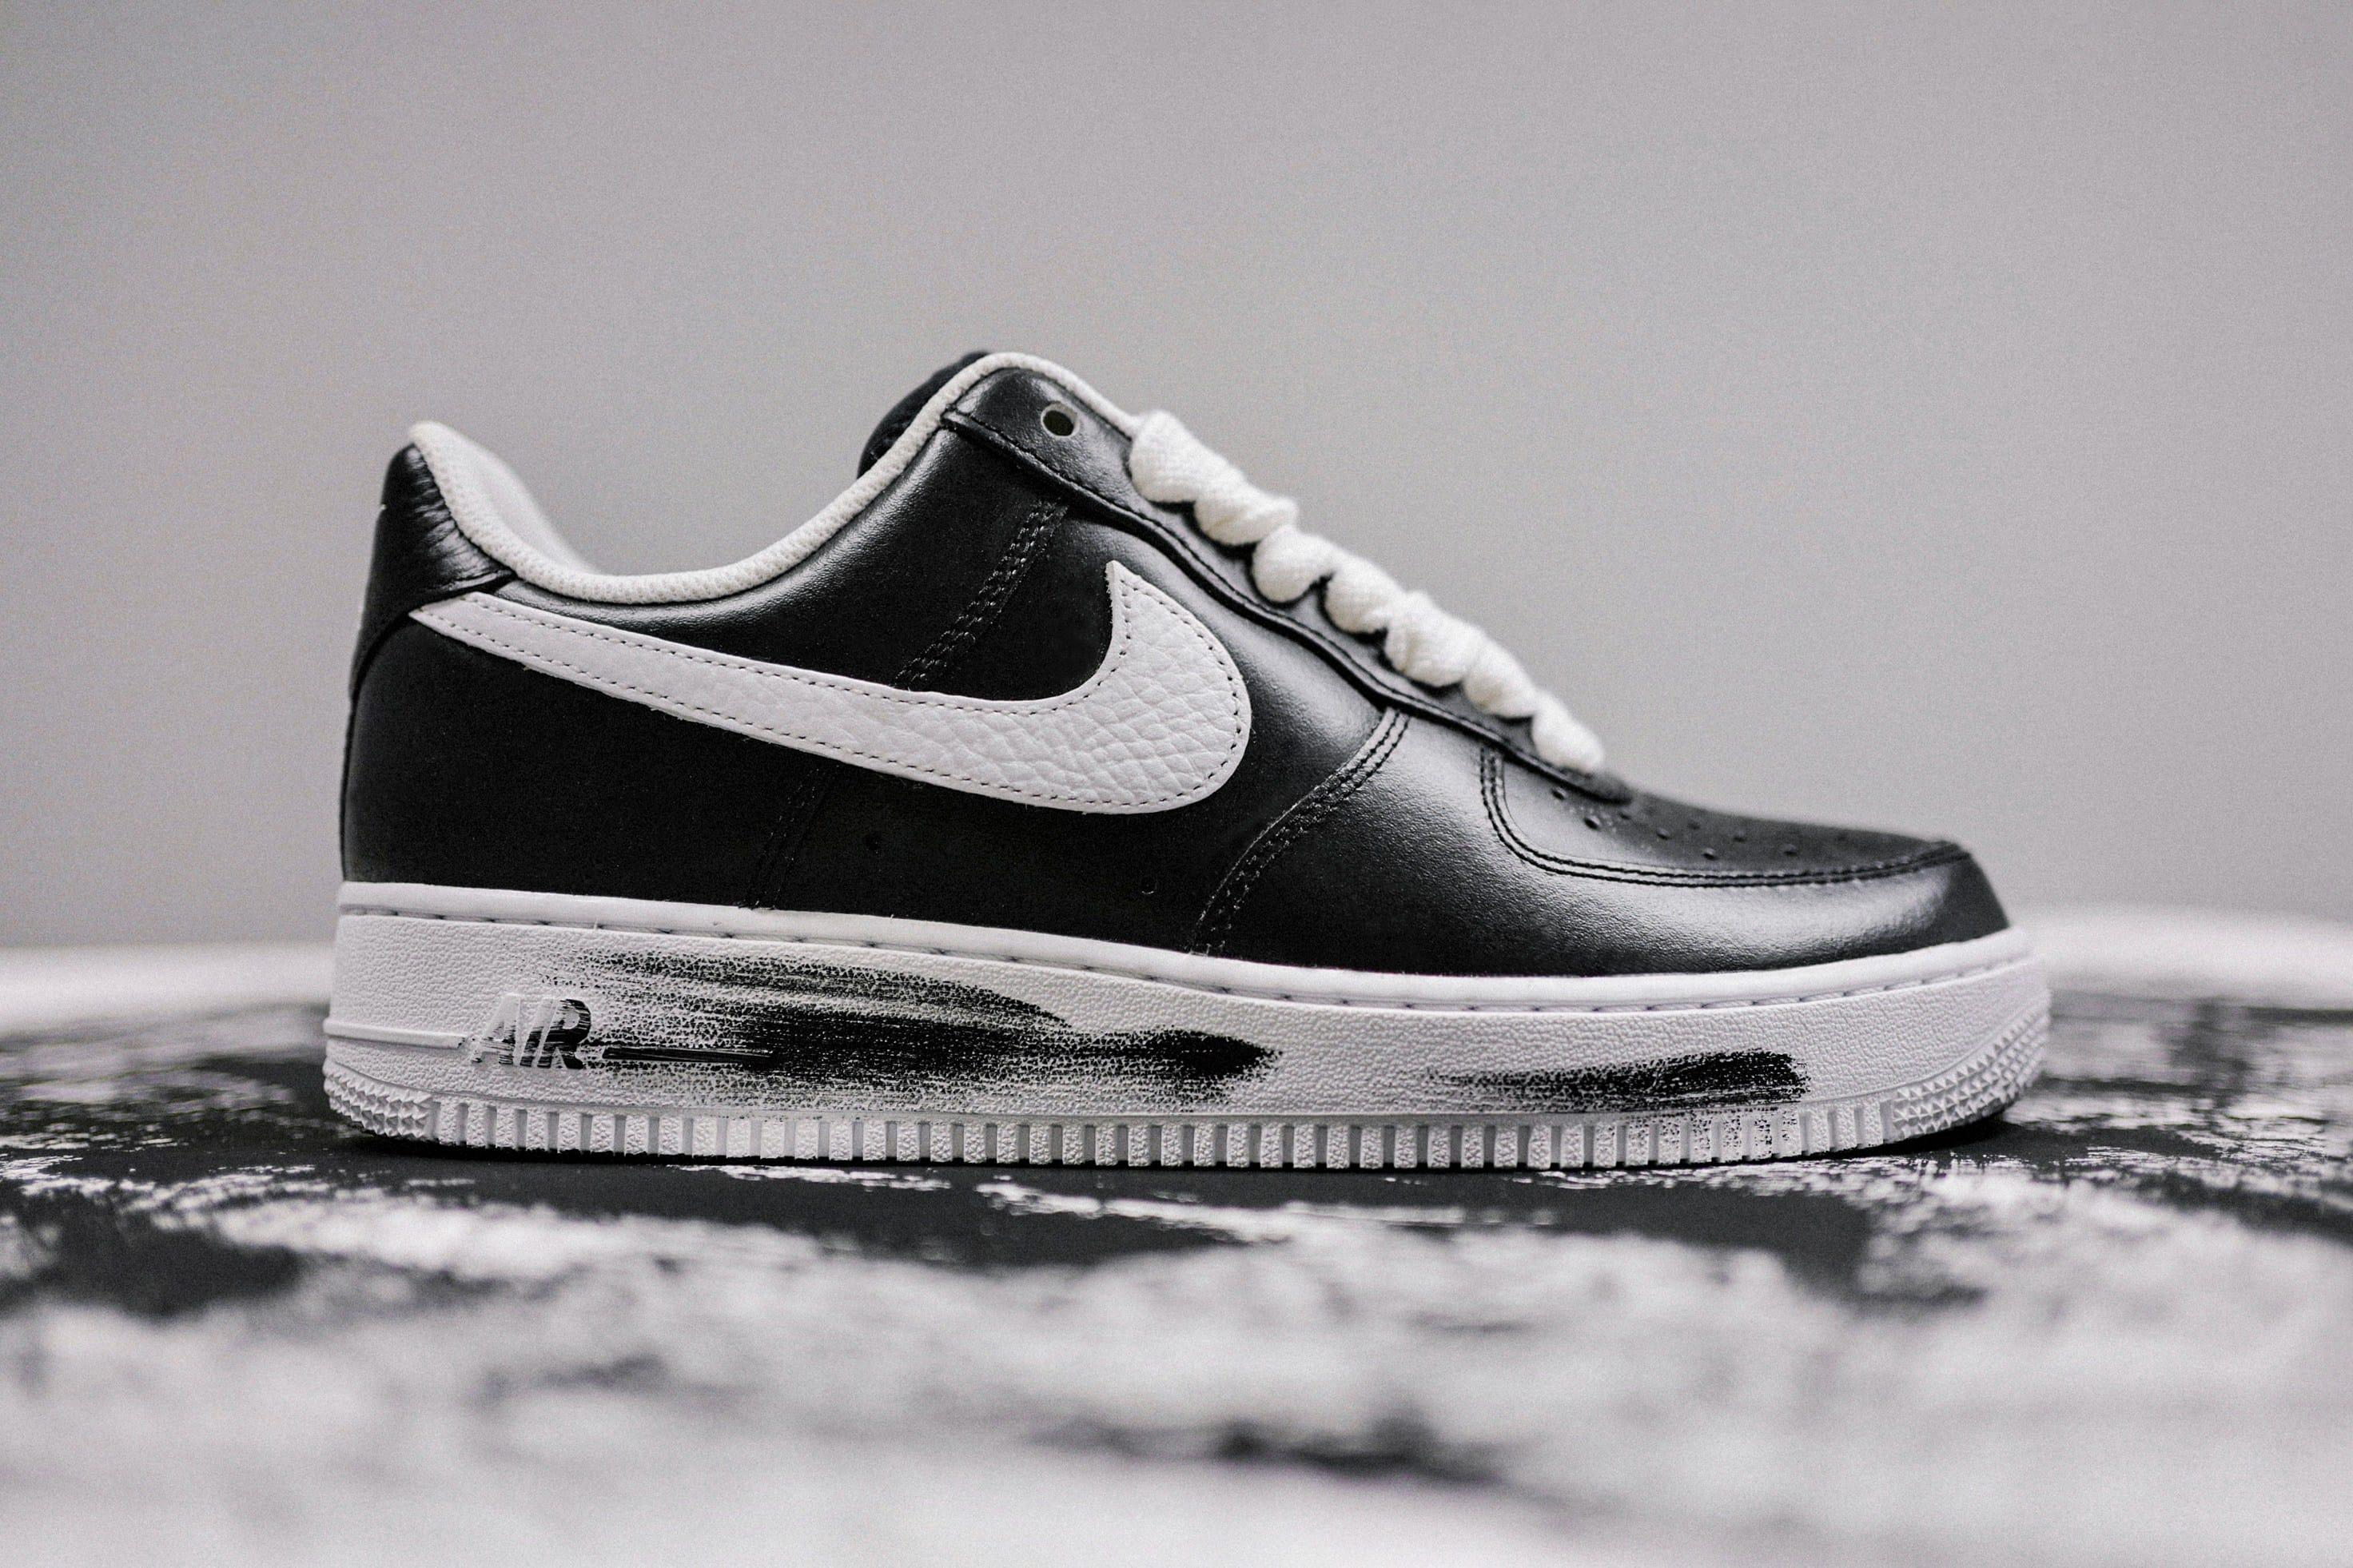 G-Dragon PEACEMINUSONE Nike Air Force 1